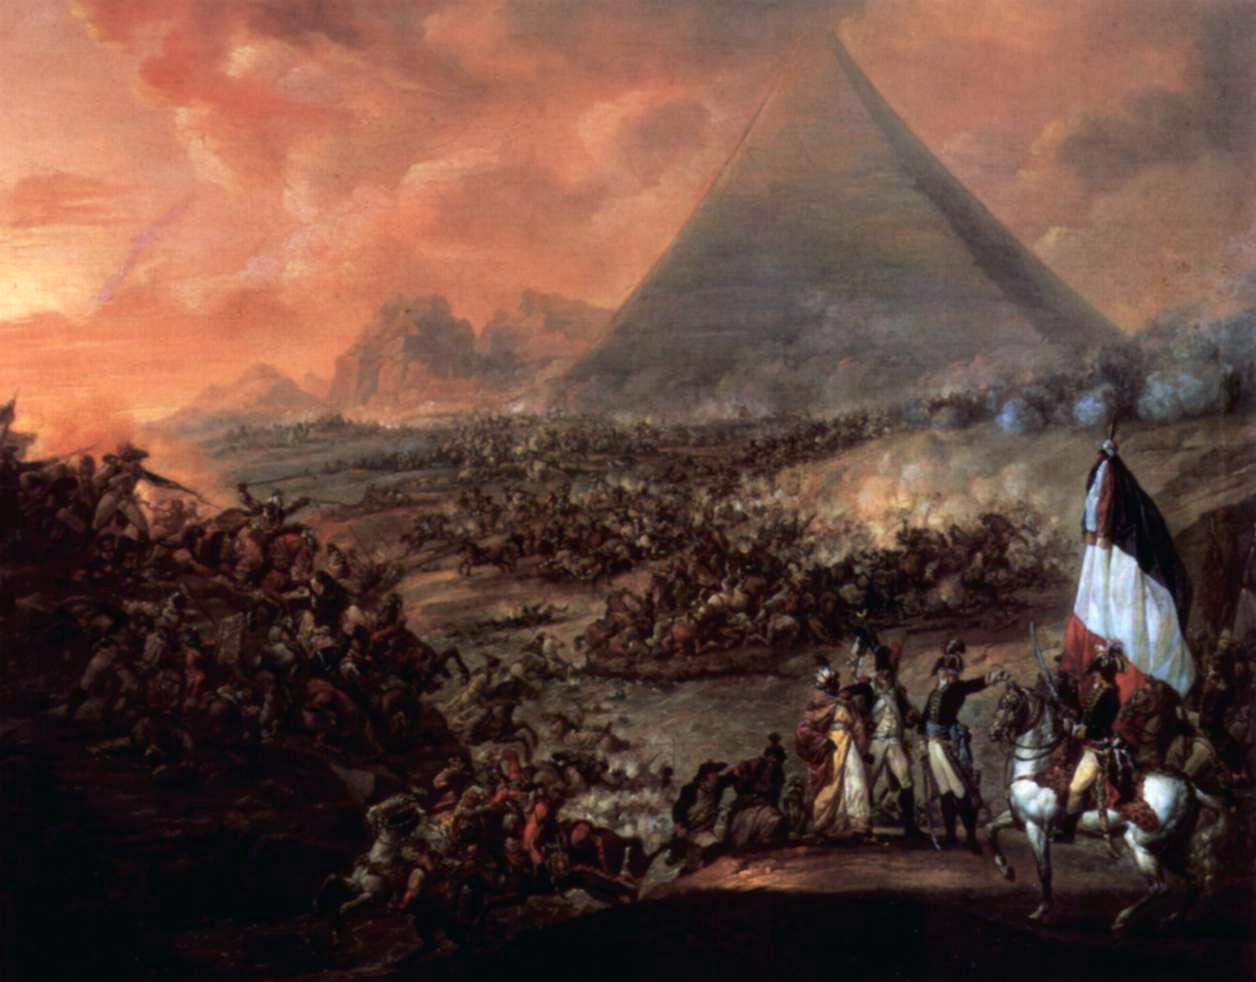 لوحة معركة الأهرام فرانسيز لويس جوزيف 1798-1799.